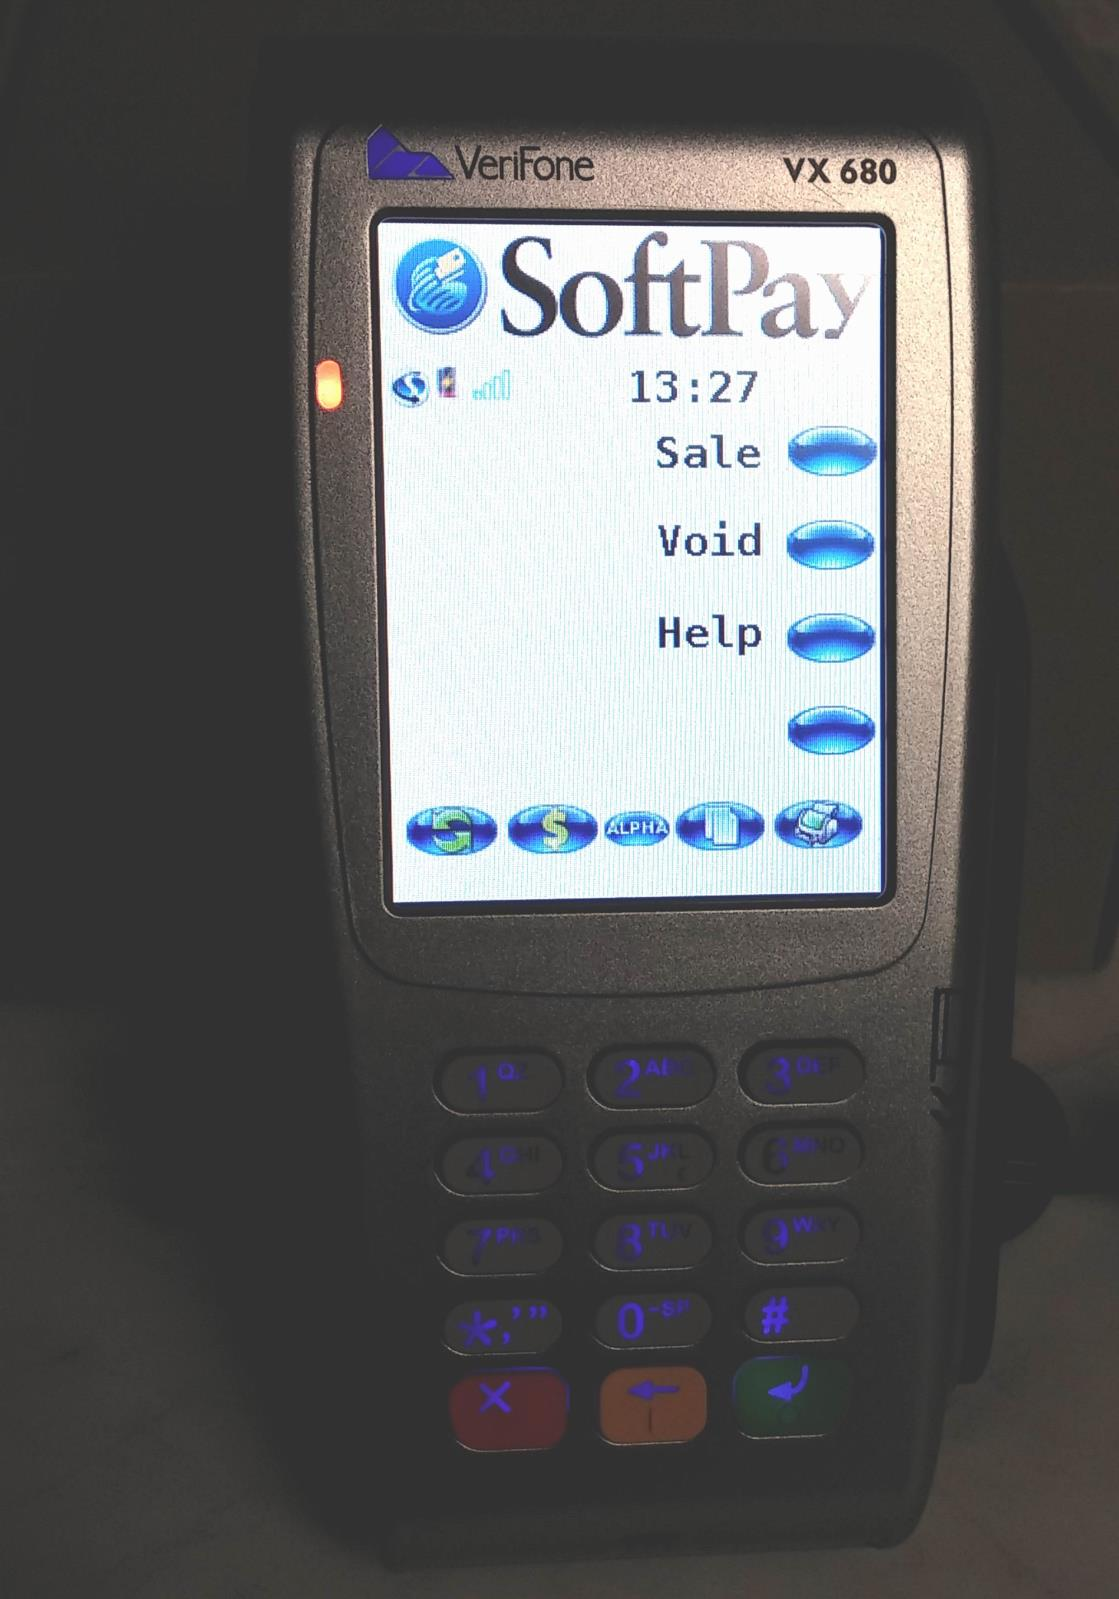 Verifone Vx680 3G EMV |Contactless Smart Card| Wireless Credit Card Terminal